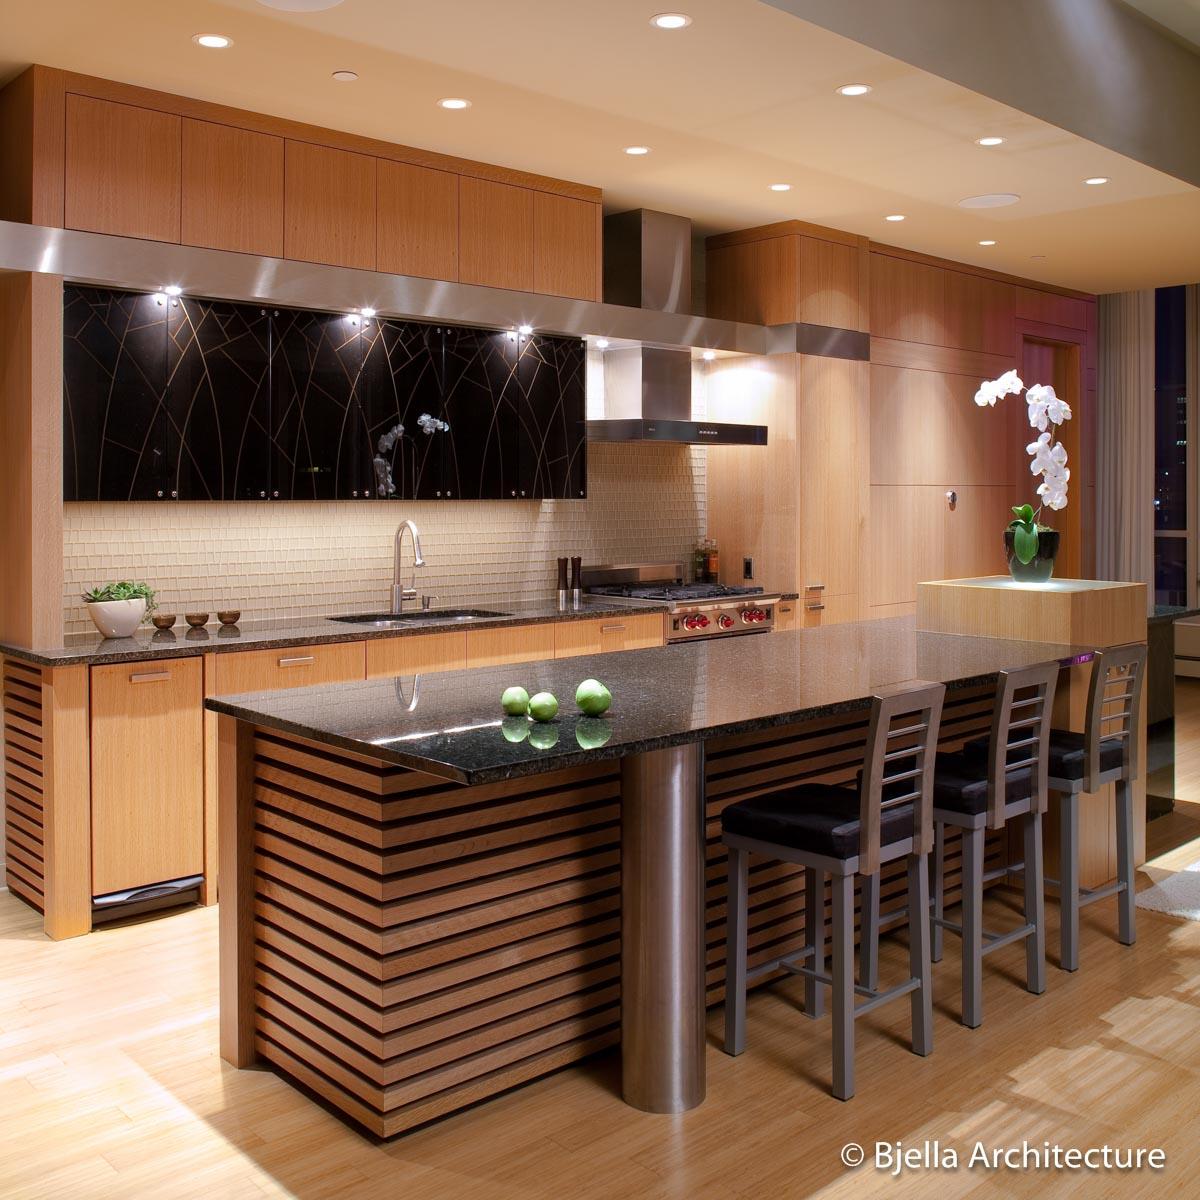 Kitchen Design Gallery - Los Angeles